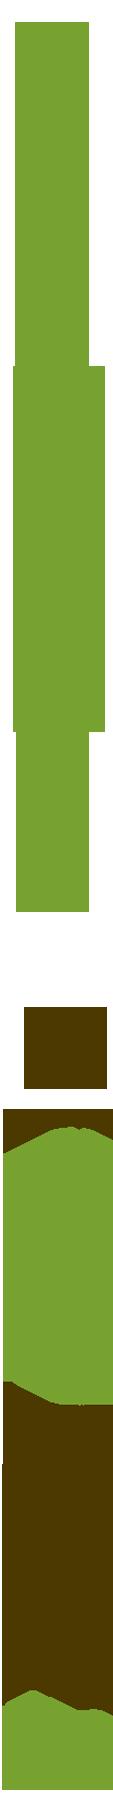 logo-+-prints.png